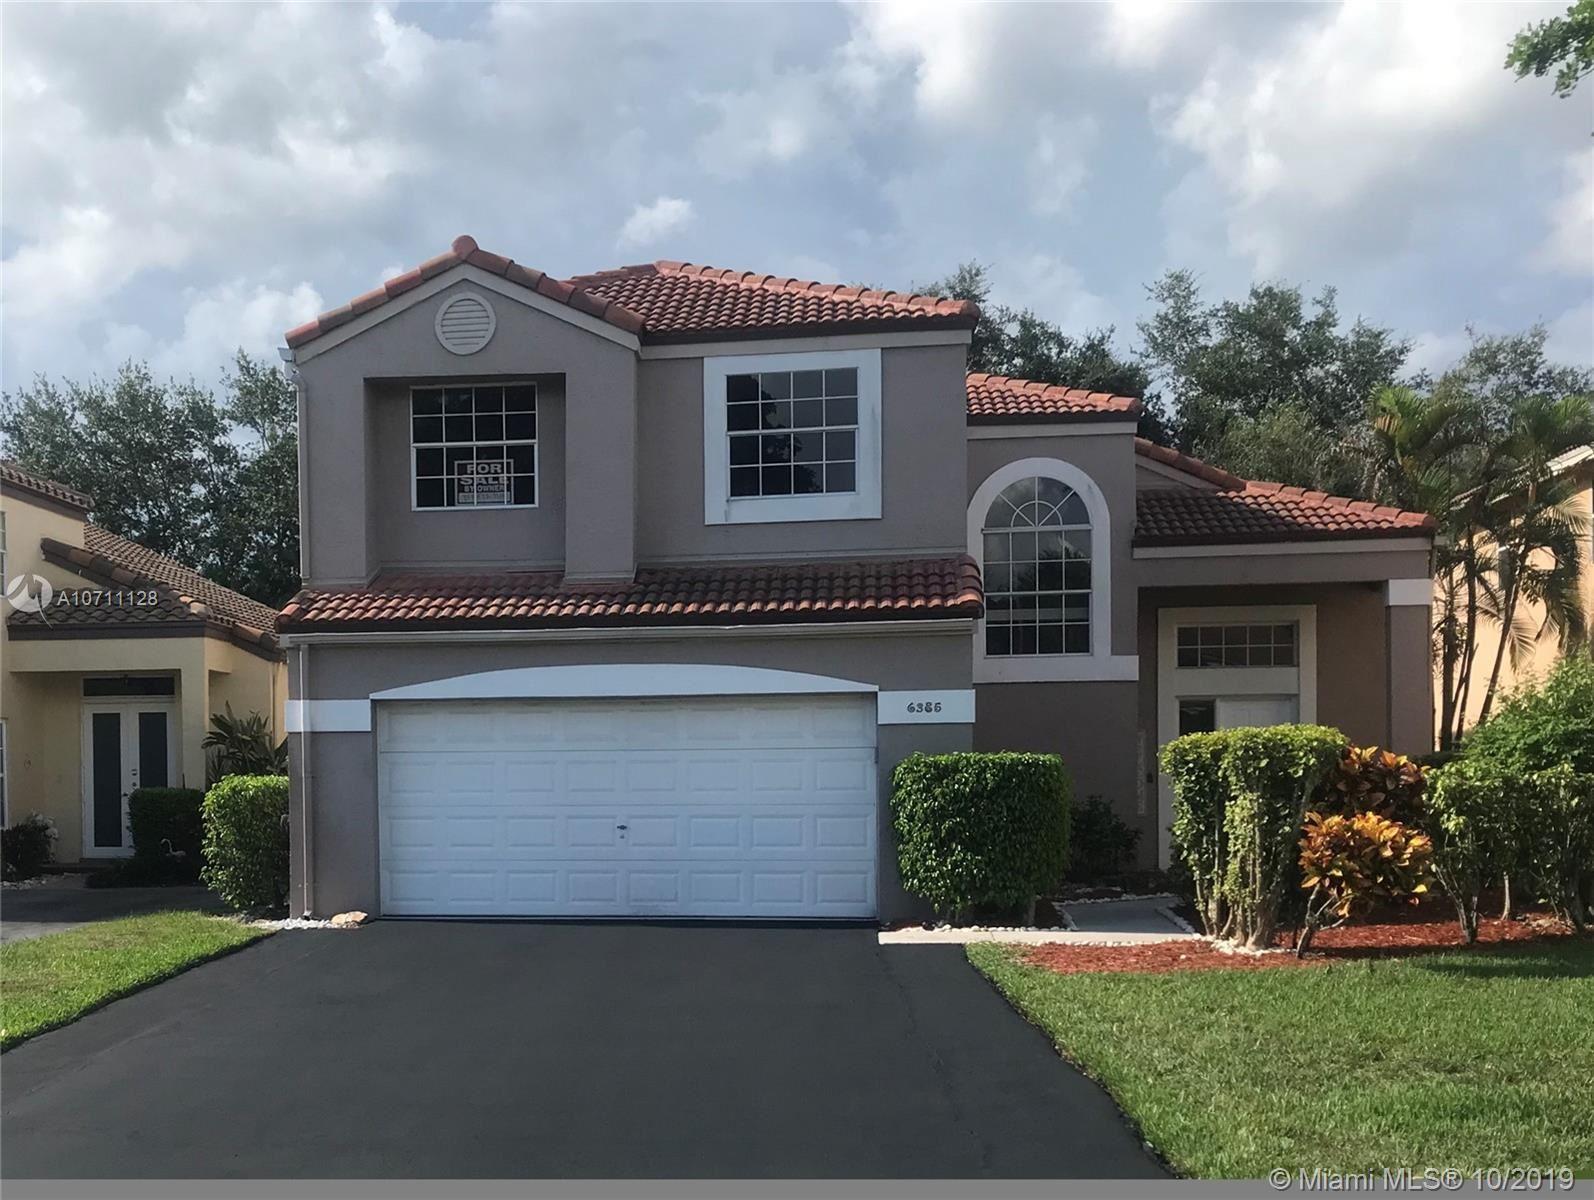 6385 NW 77th Pl, Parkland, FL 33067 - MLS#: A10711128